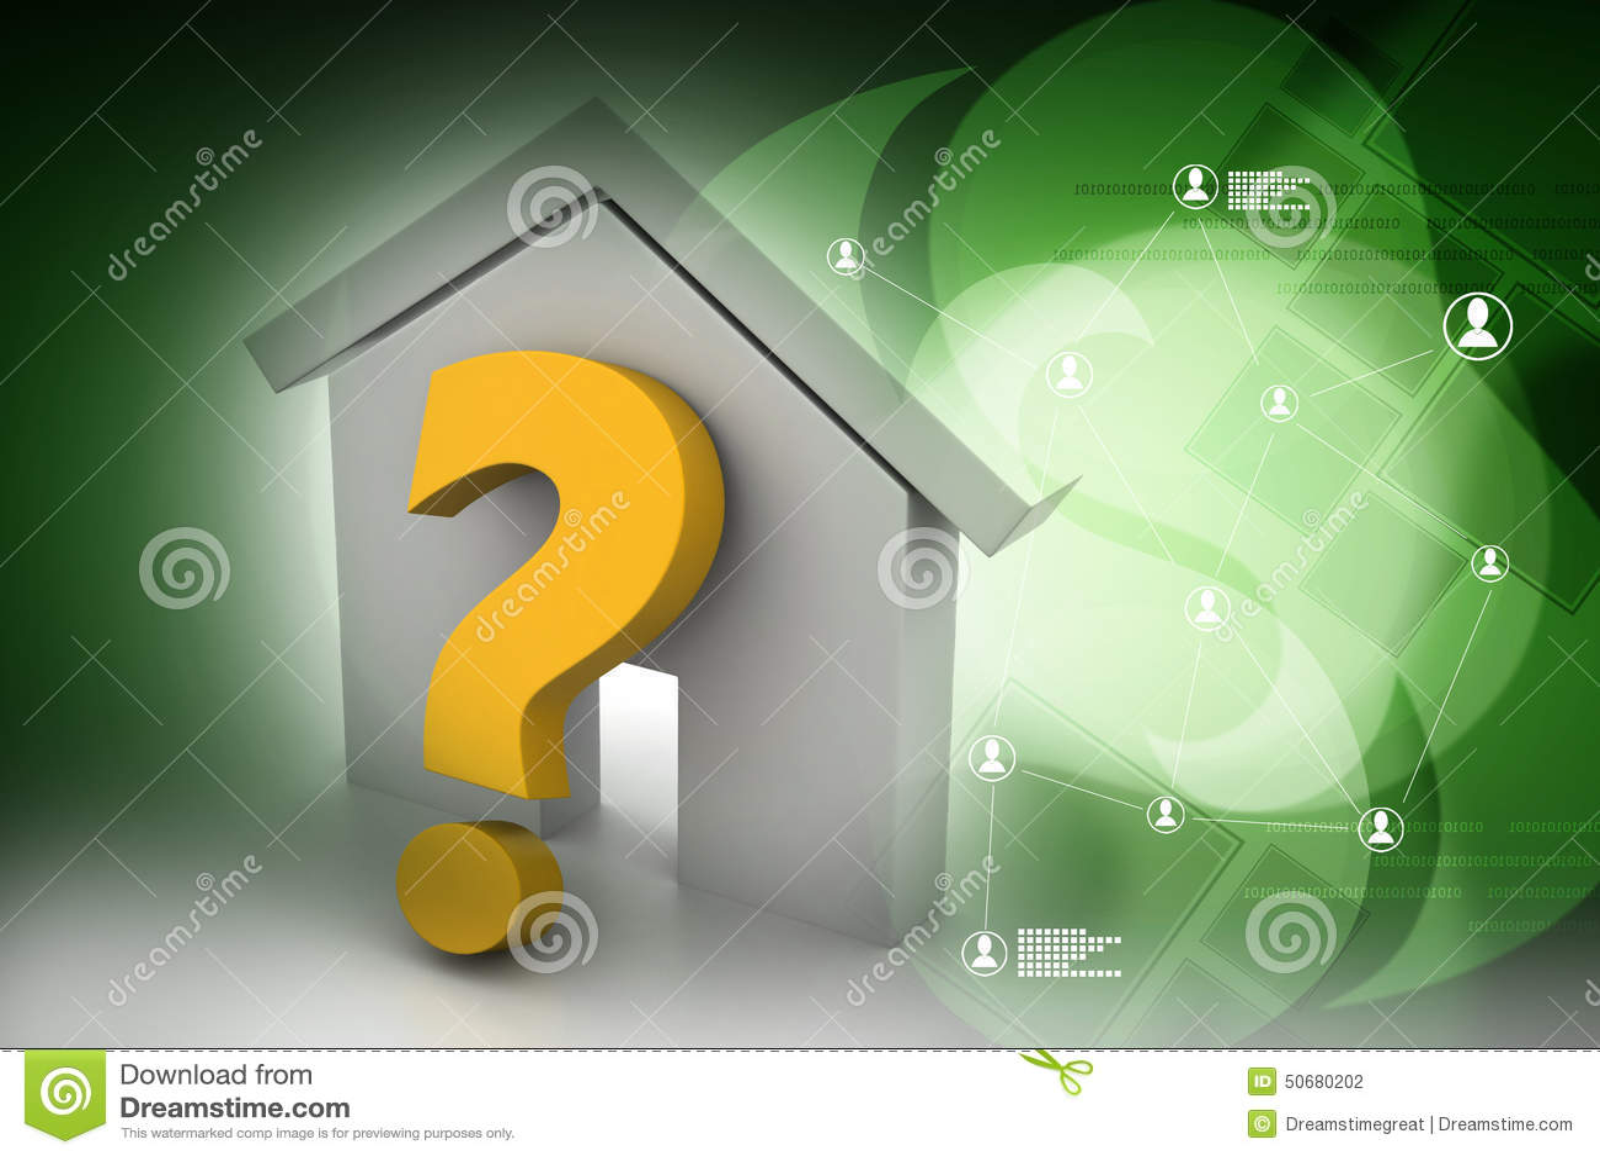 Download 背景概念美元庄园房子投资难题实际白色 库存例证. 插画 包括有 房子, 概念性, 拱道, 实际, 商业, 替换 - 50680202